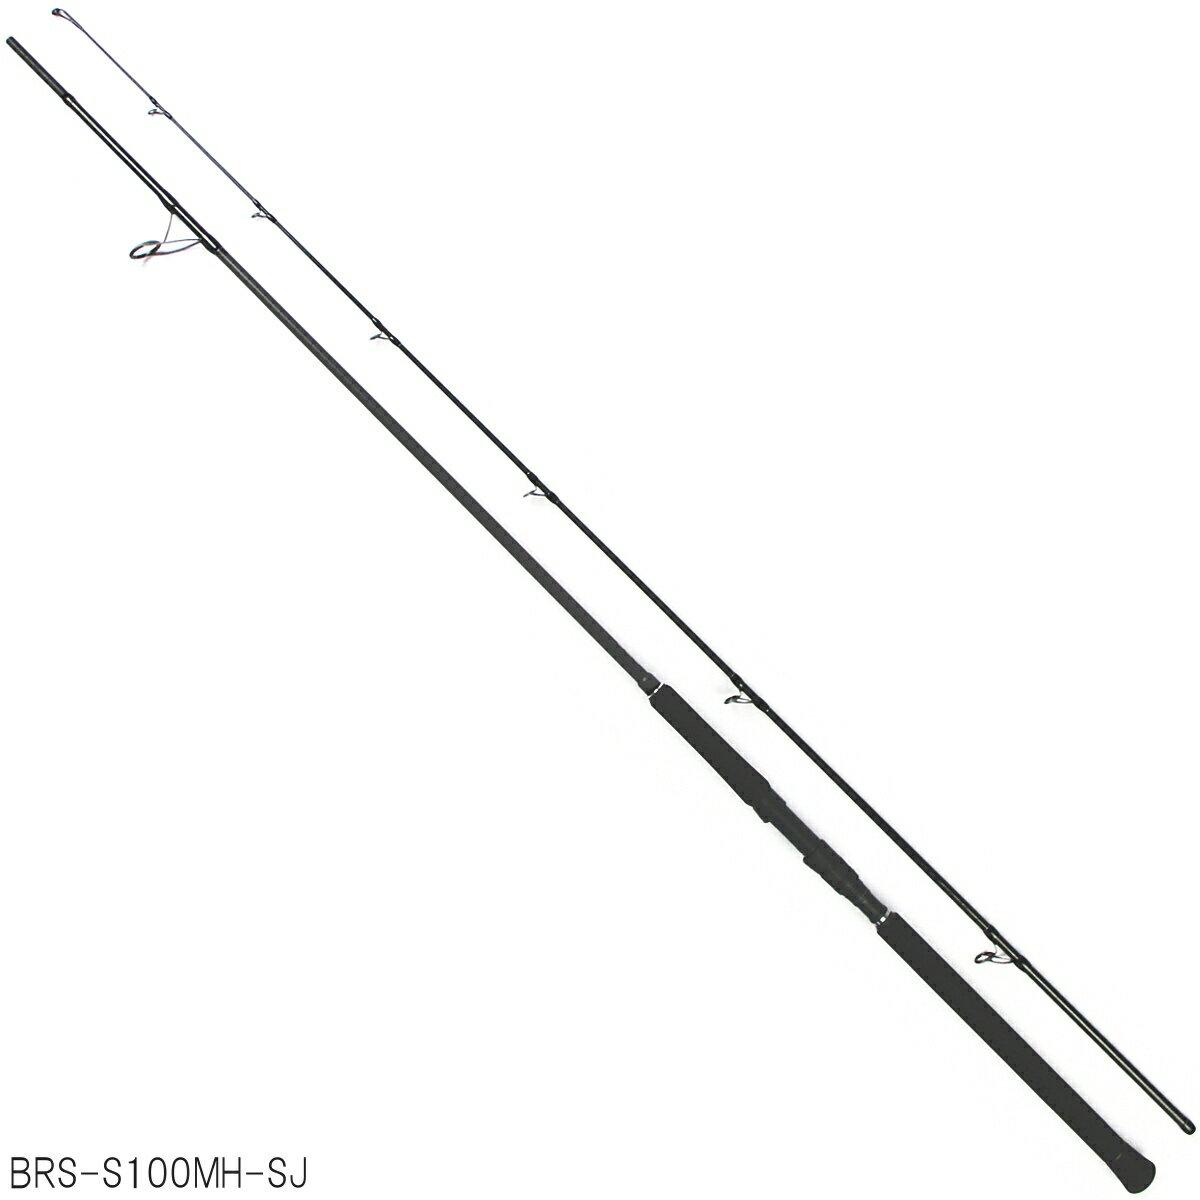 ジャッカル BRS BRS-S100MH-SJ